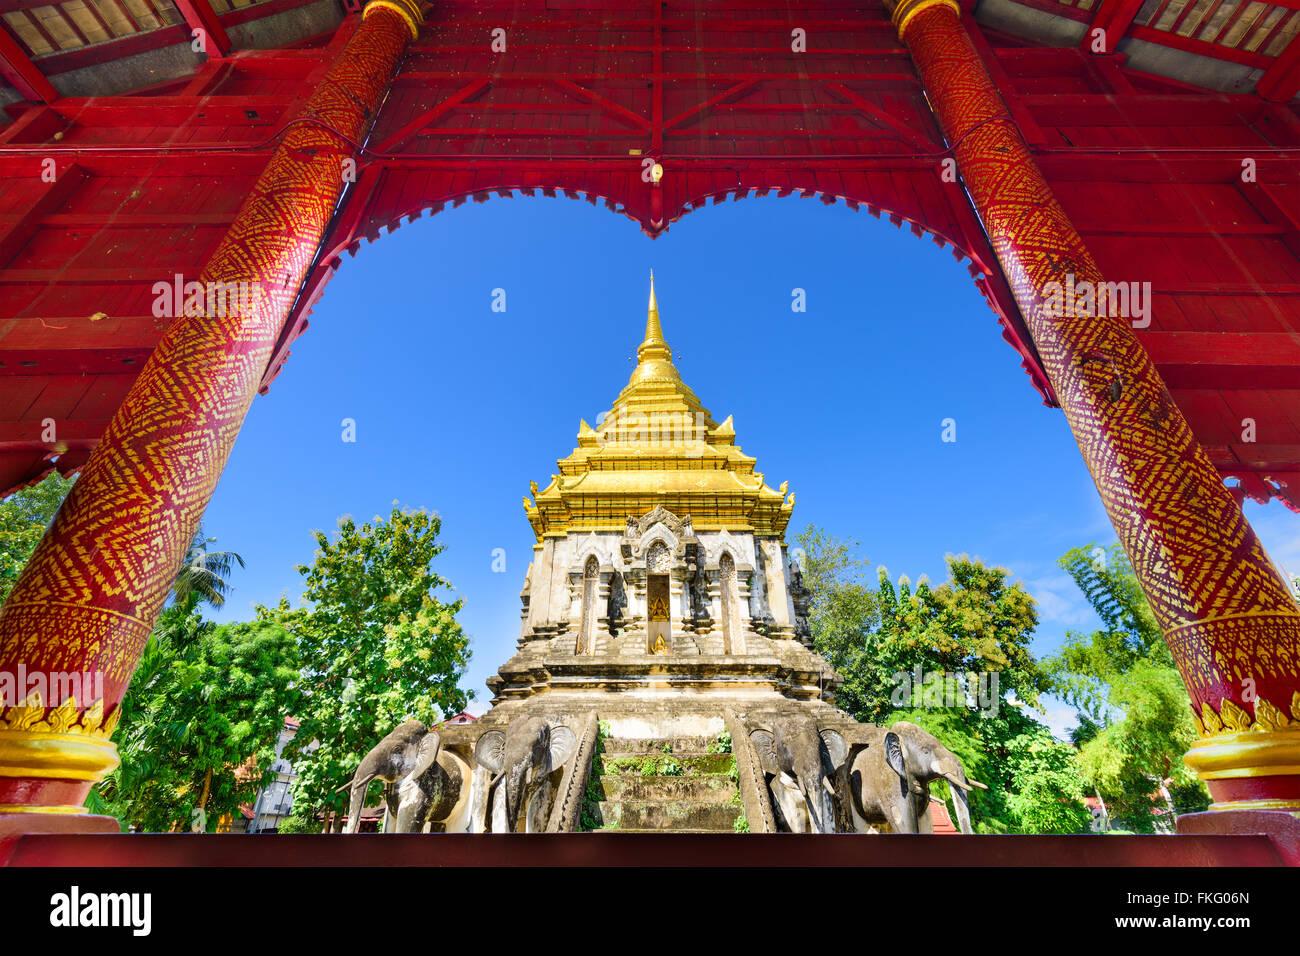 Chiang Mai, Thailand at Wat Chiang Man. - Stock Image